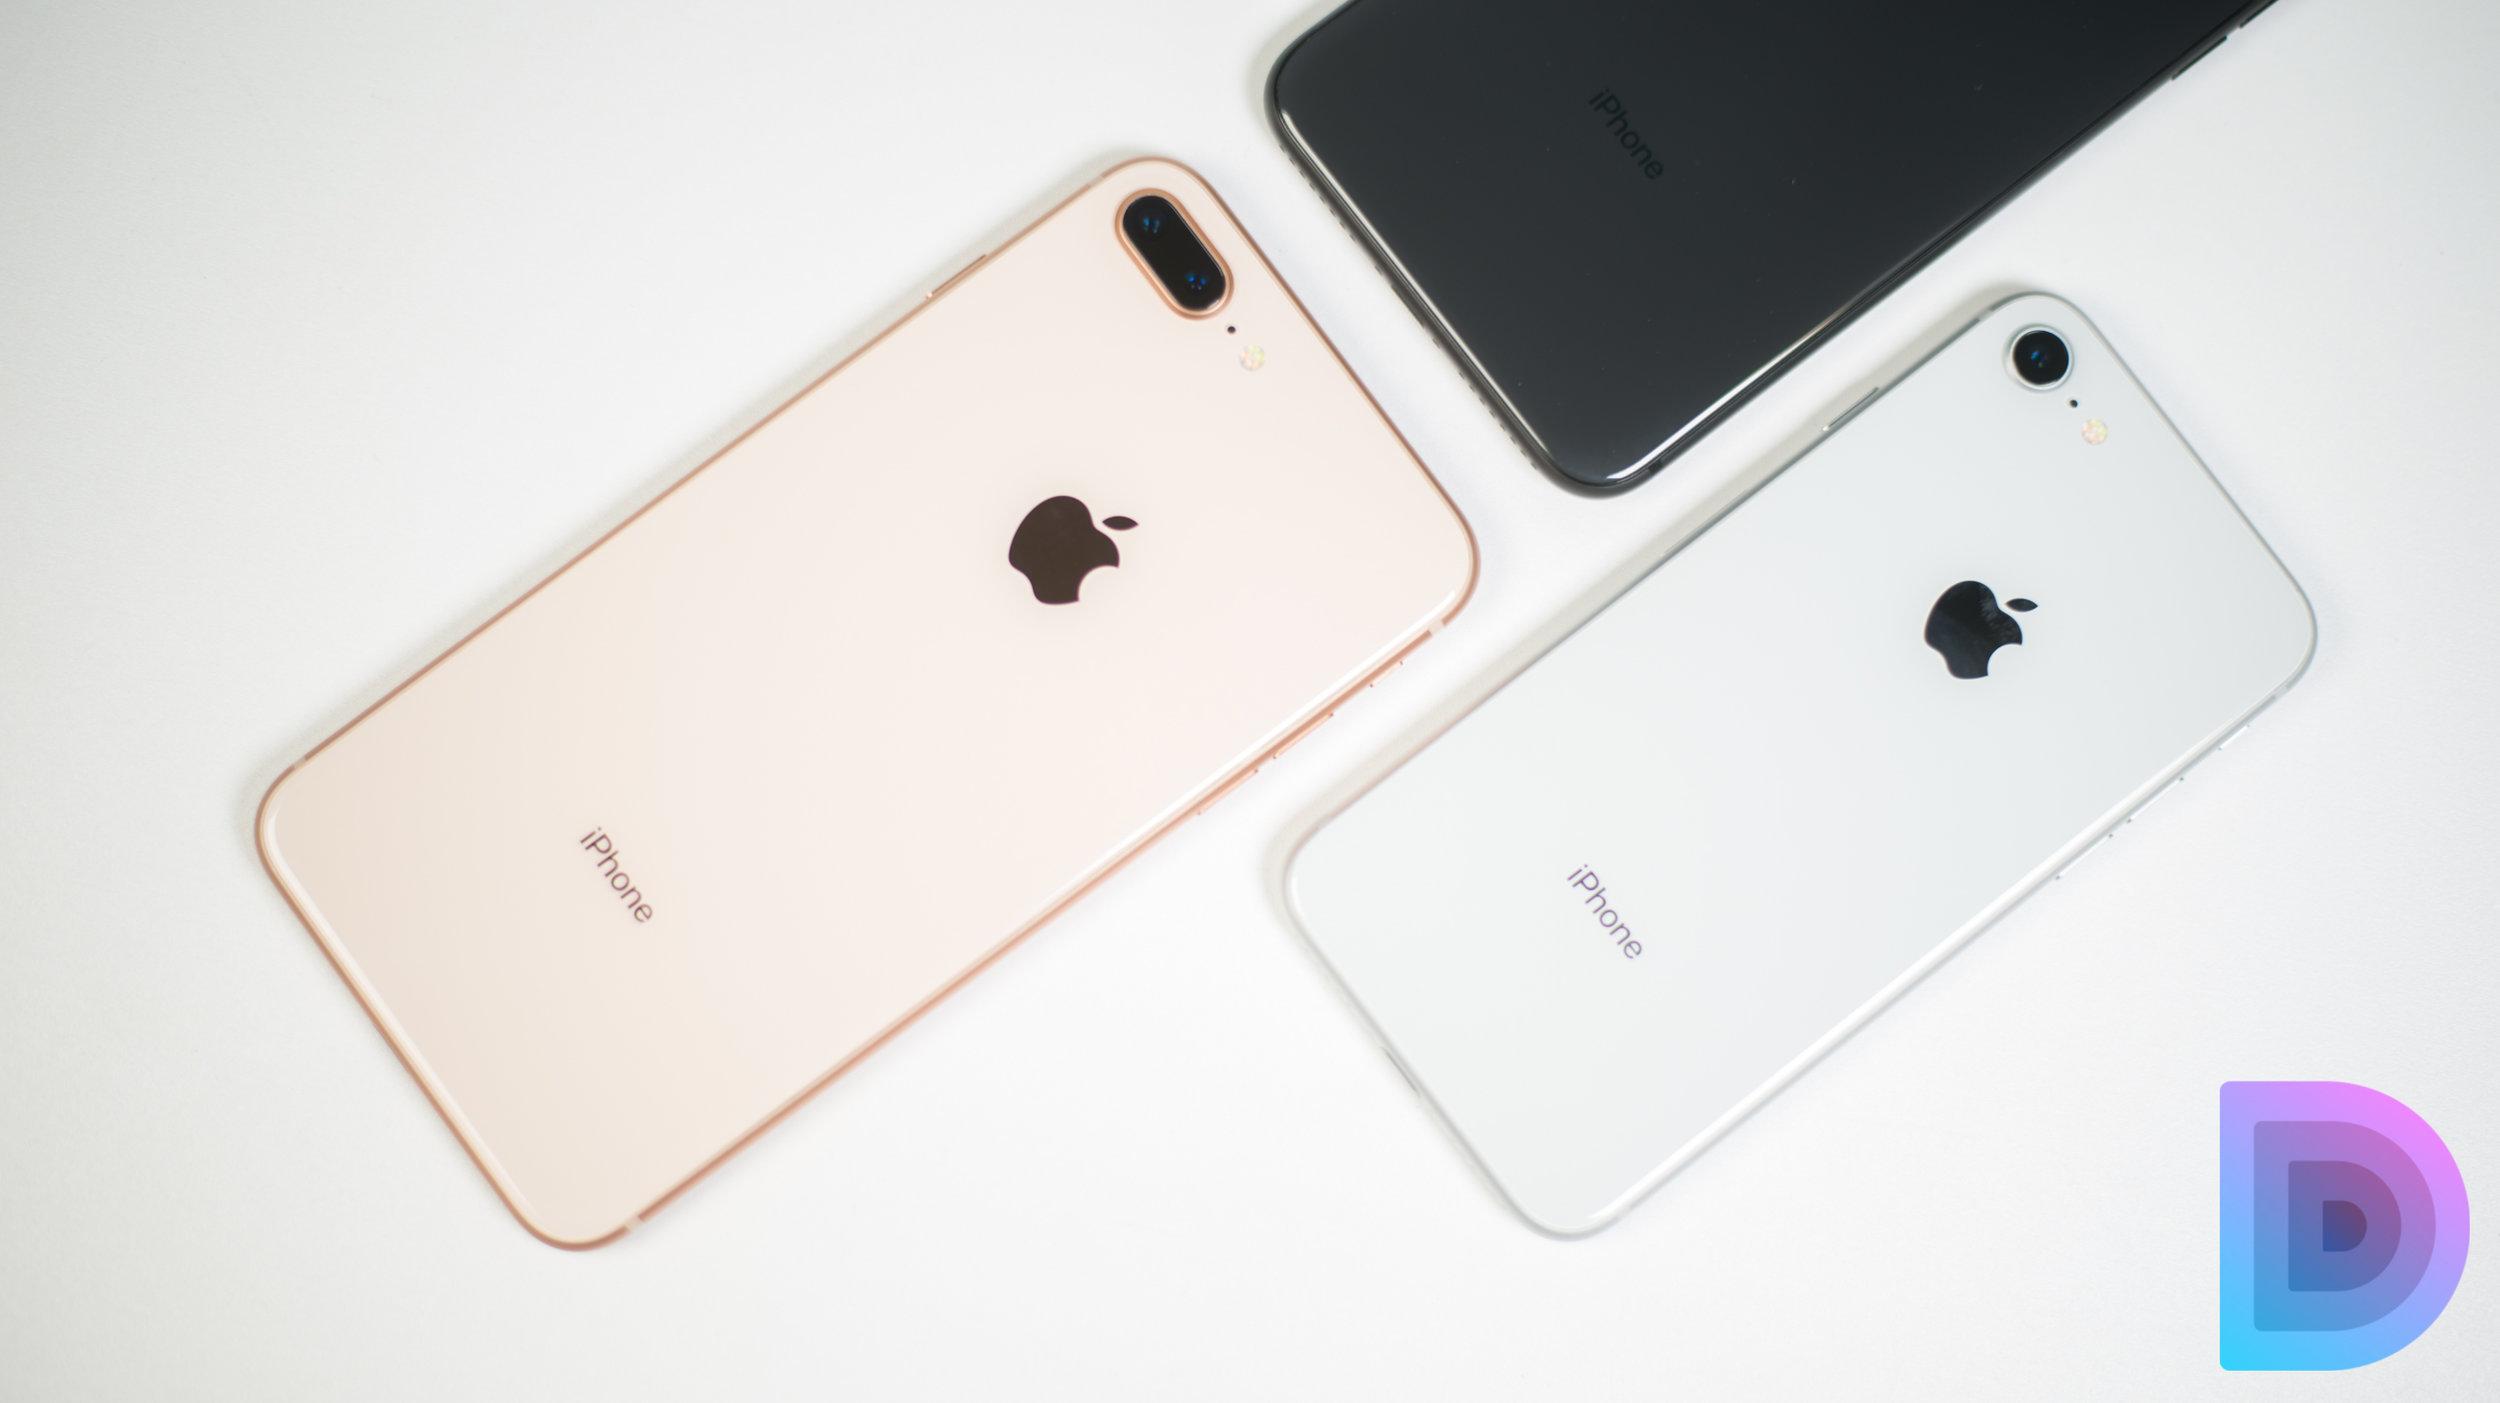 iPhone-8-vs-iPhone-8-Plus-3.JPG